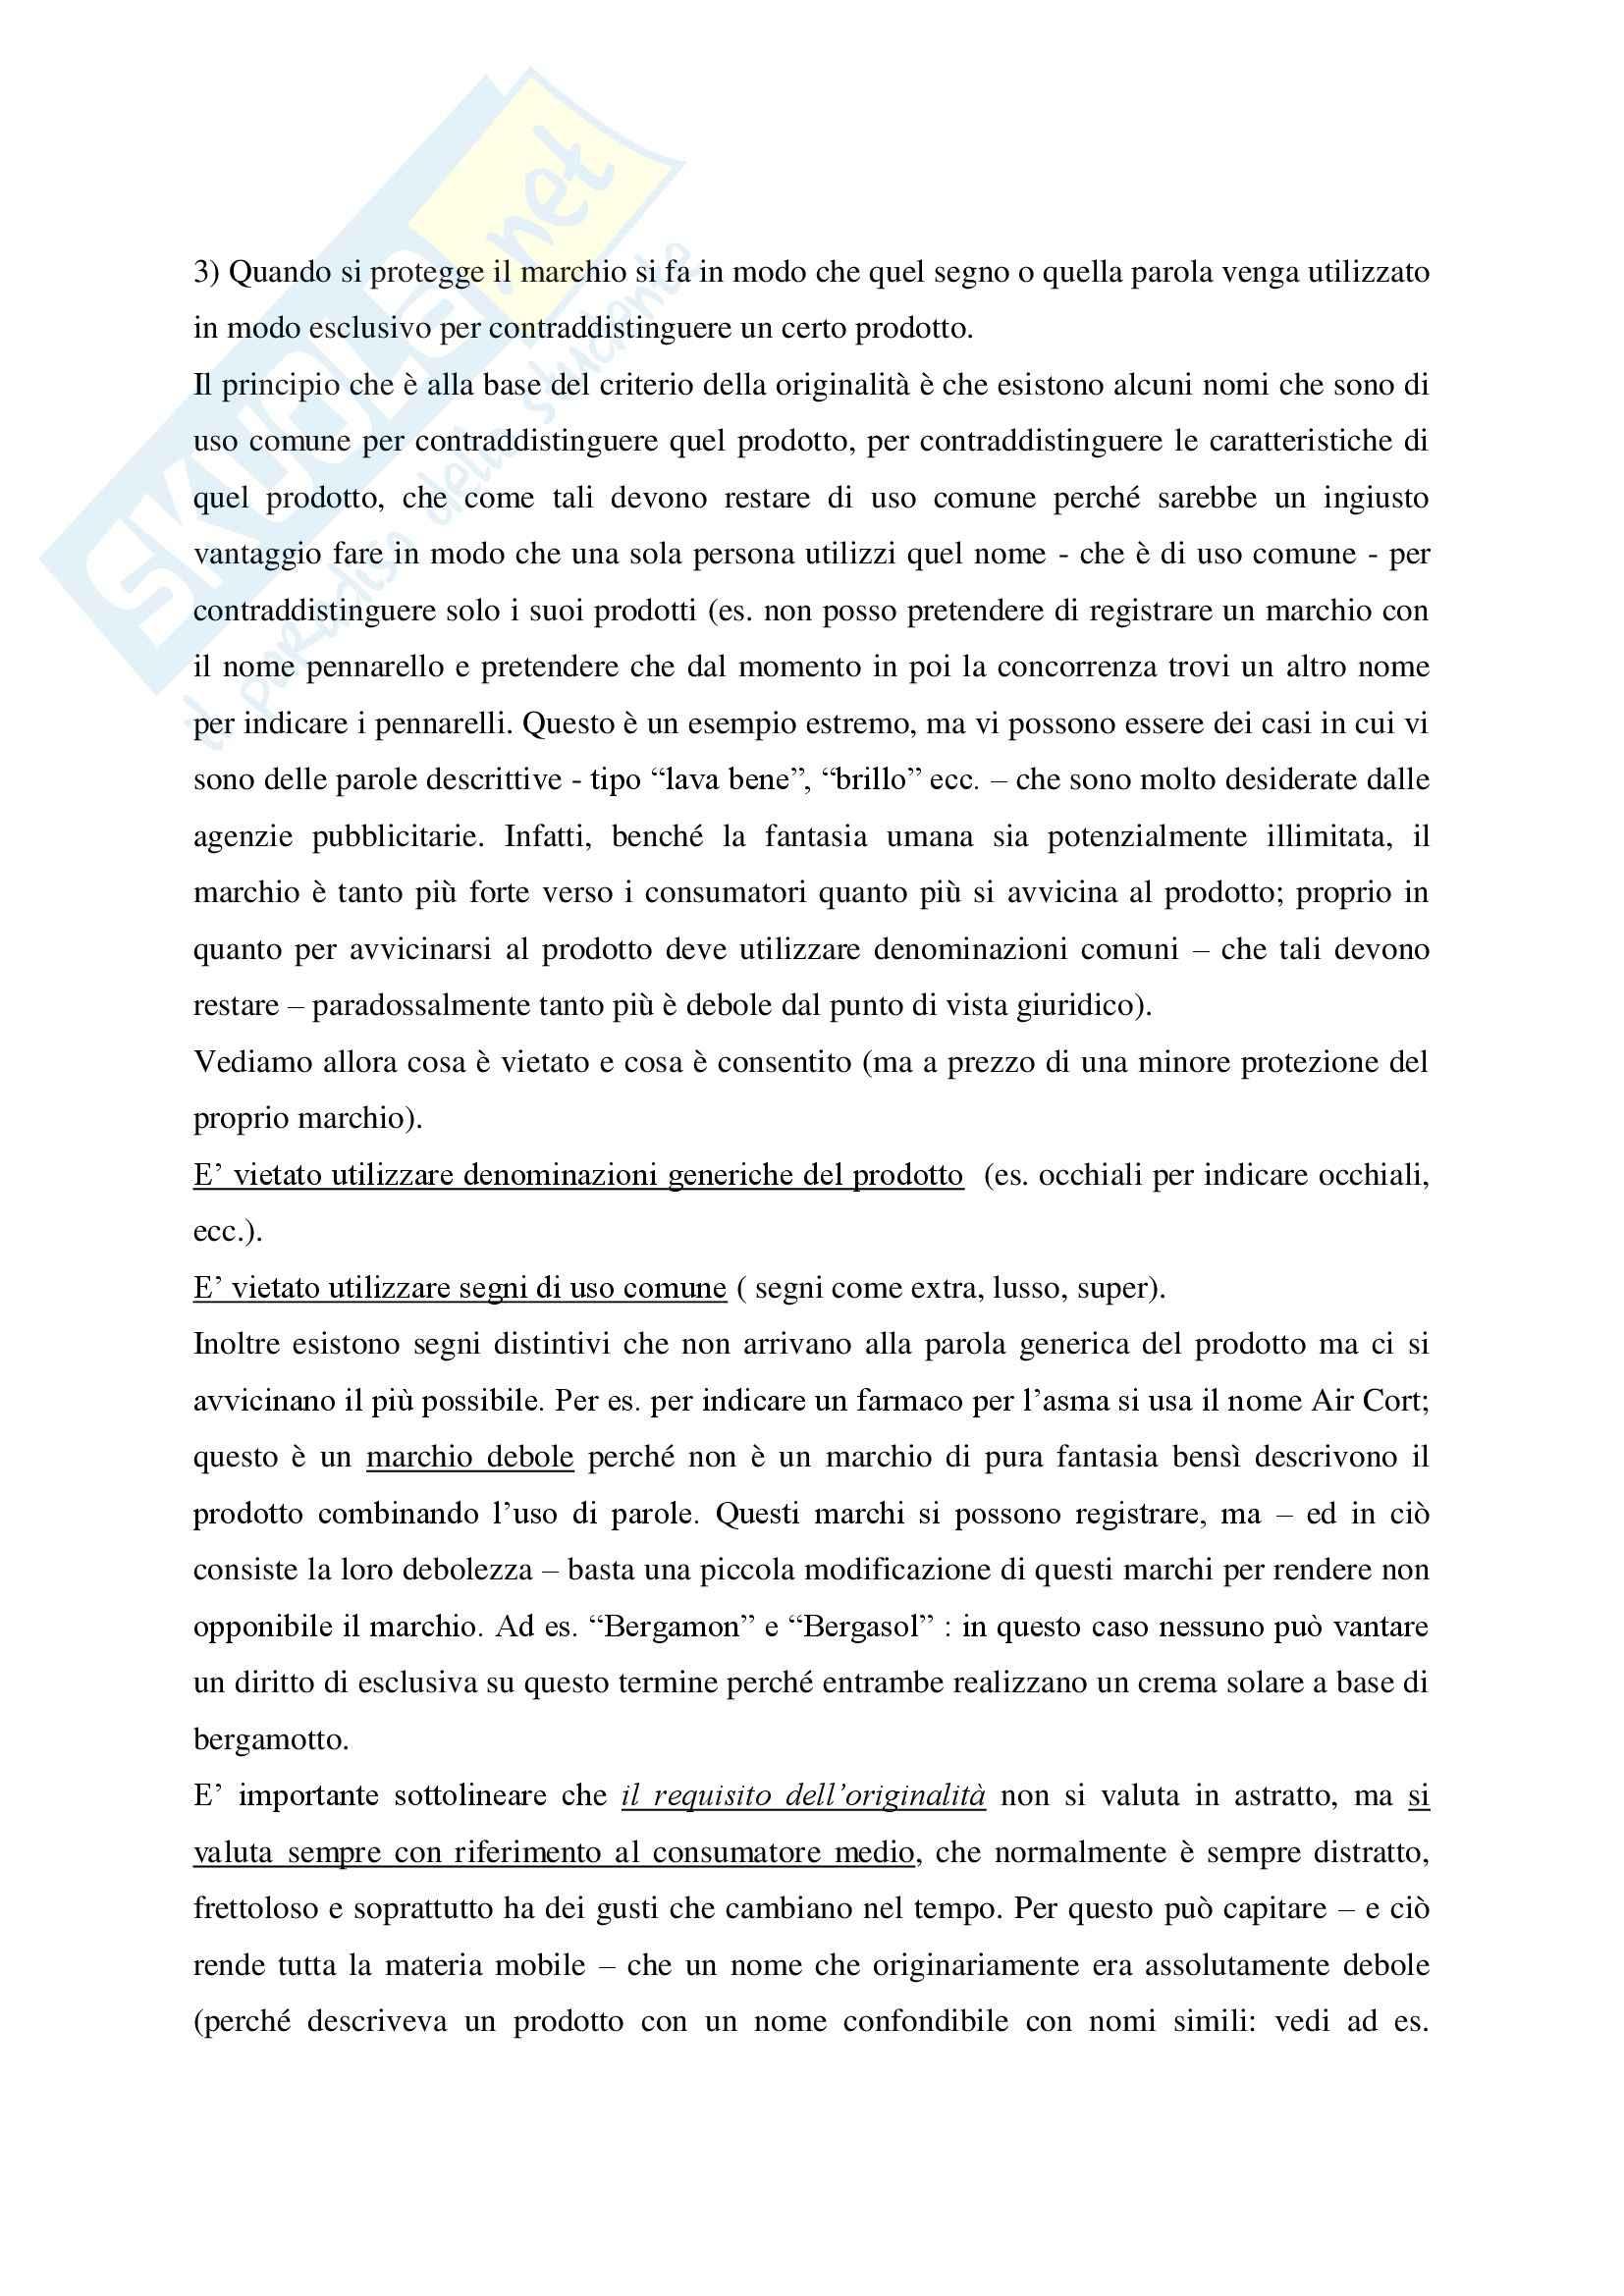 Diritto commerciale - Volume I - Campobasso - diritto dell'impresa Pag. 76